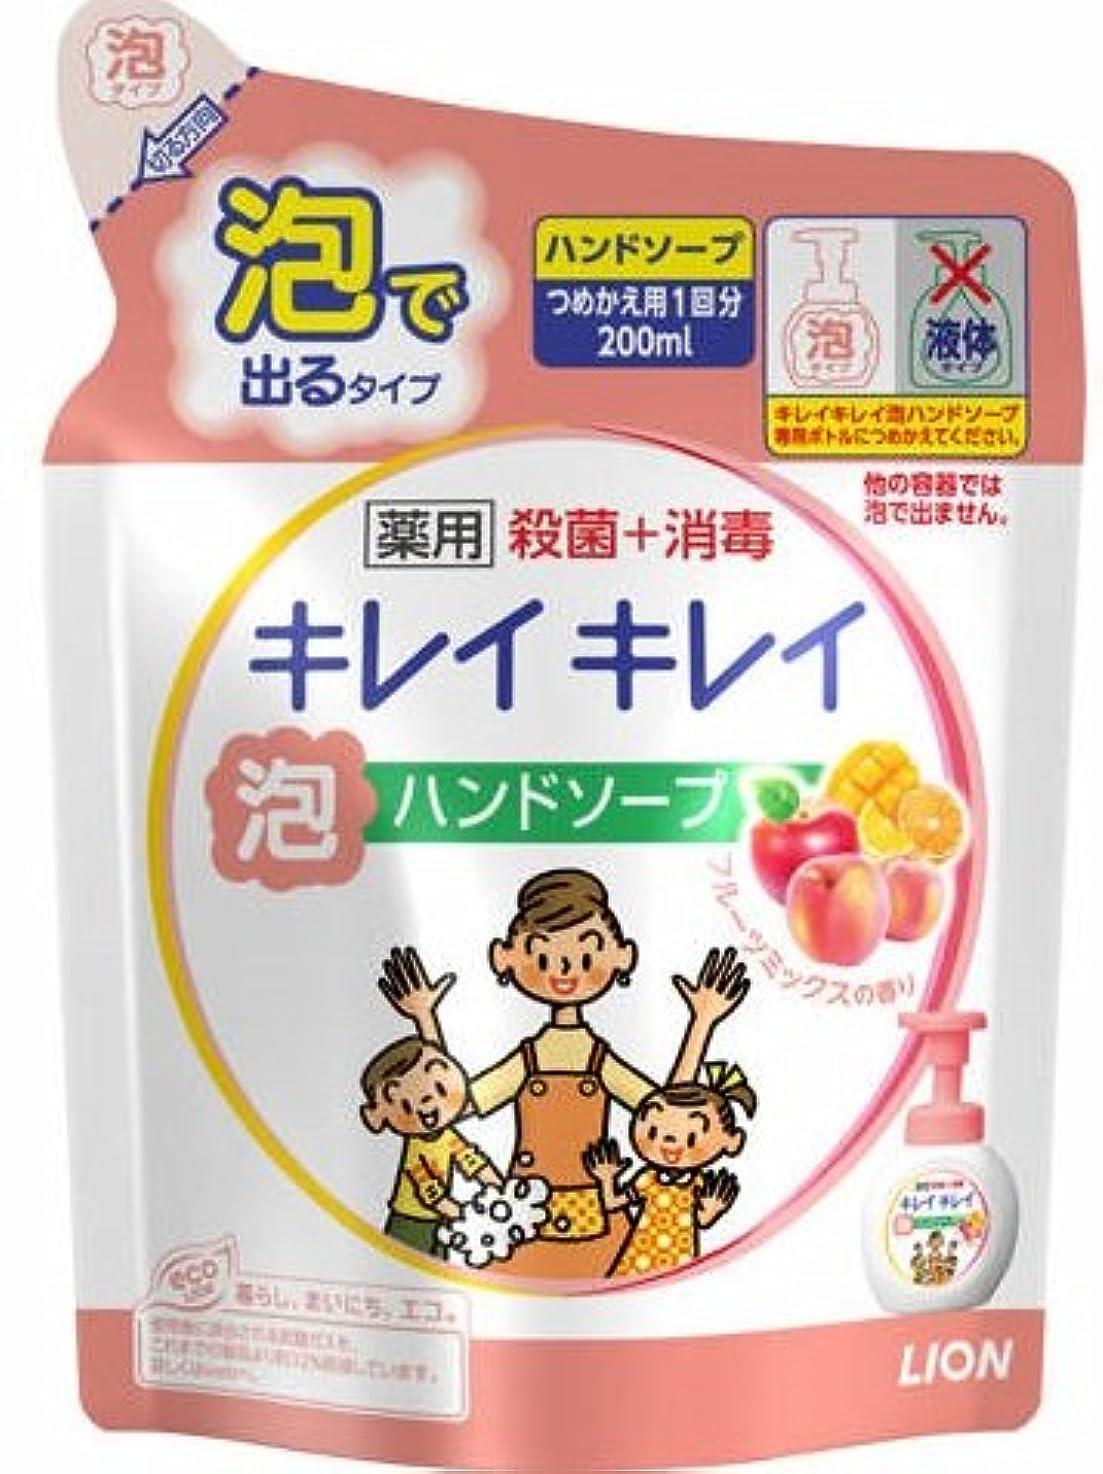 触覚ソビエトネックレスキレイキレイ 薬用泡ハンドソープ フルーツミックスの香り つめかえ用 通常サイズ 200ml ×10個セット